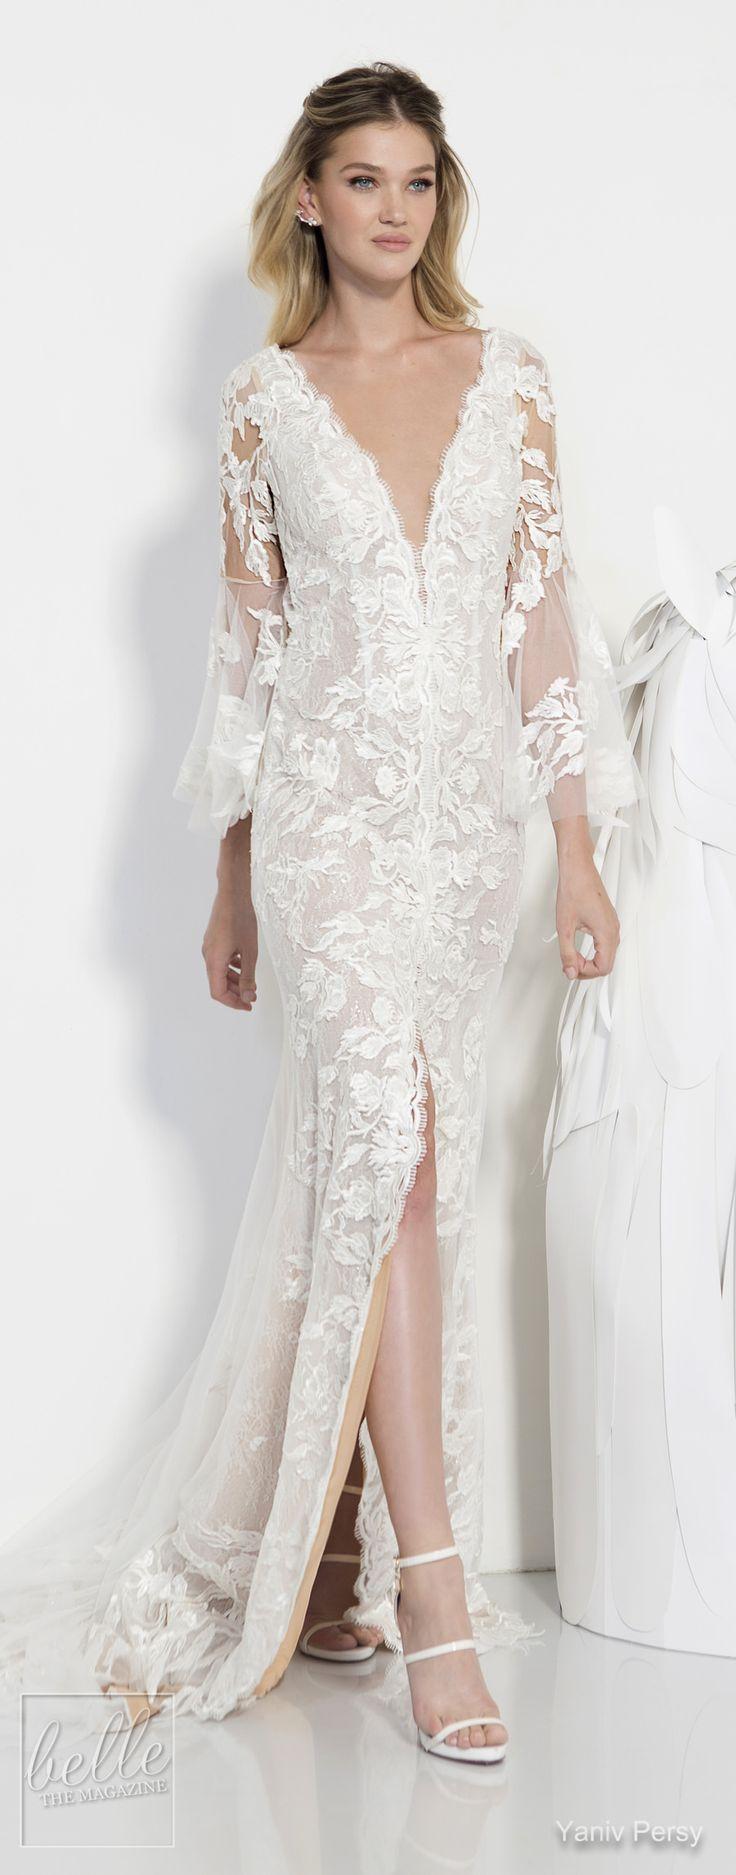 3926 best Hochzeitskleider images on Pinterest   Wedding frocks ...